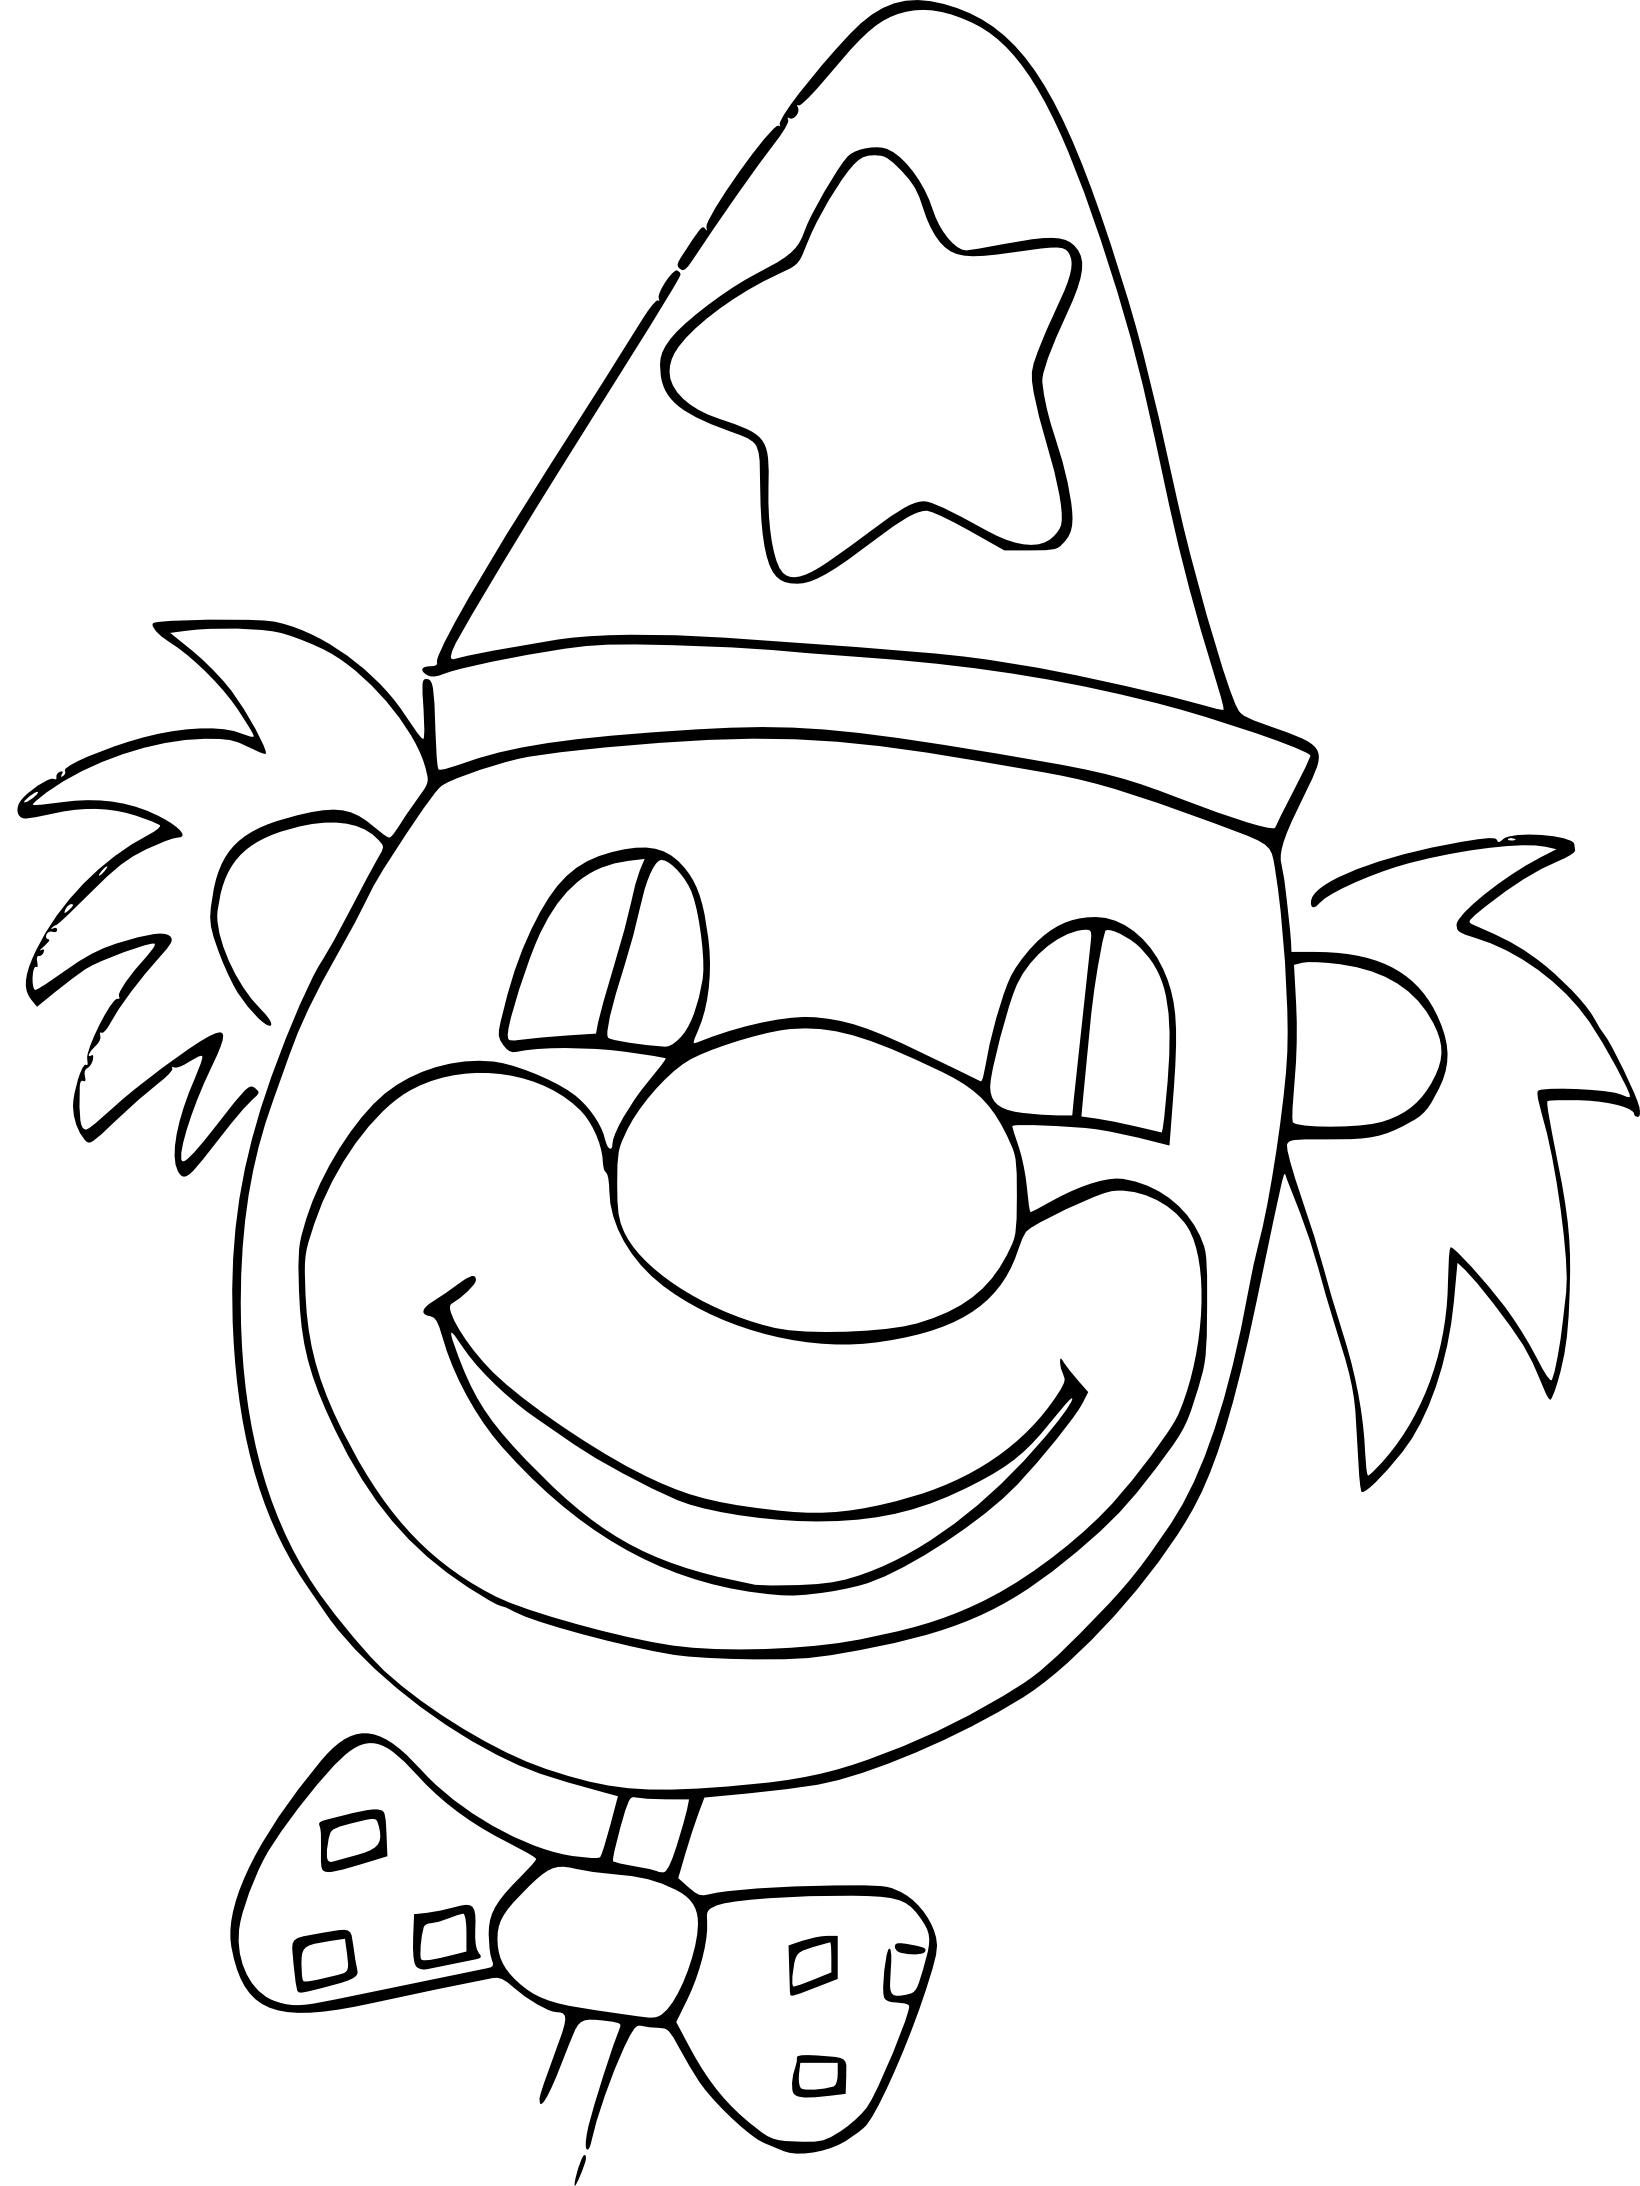 Coloriage Tête De Clown À Imprimer Sur Coloriages avec Coloriage Tete De Clown